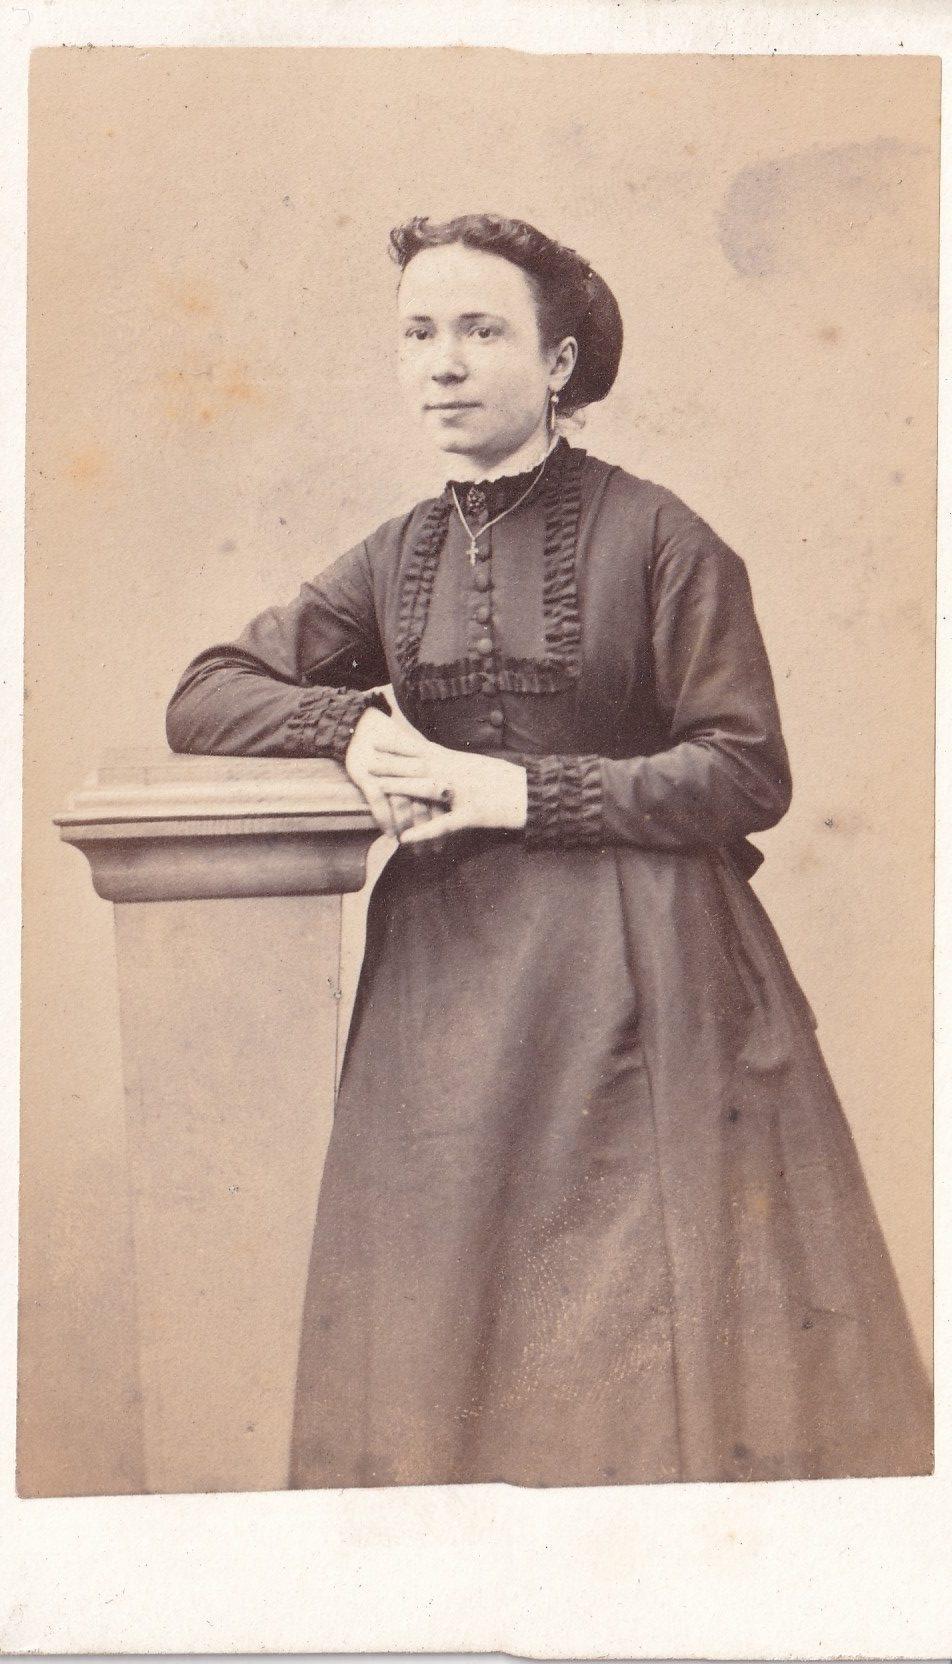 Album bfn Mme épouse Jean Louis Marié peut être mère de Léonie Charles et Alice page  photo  rotated